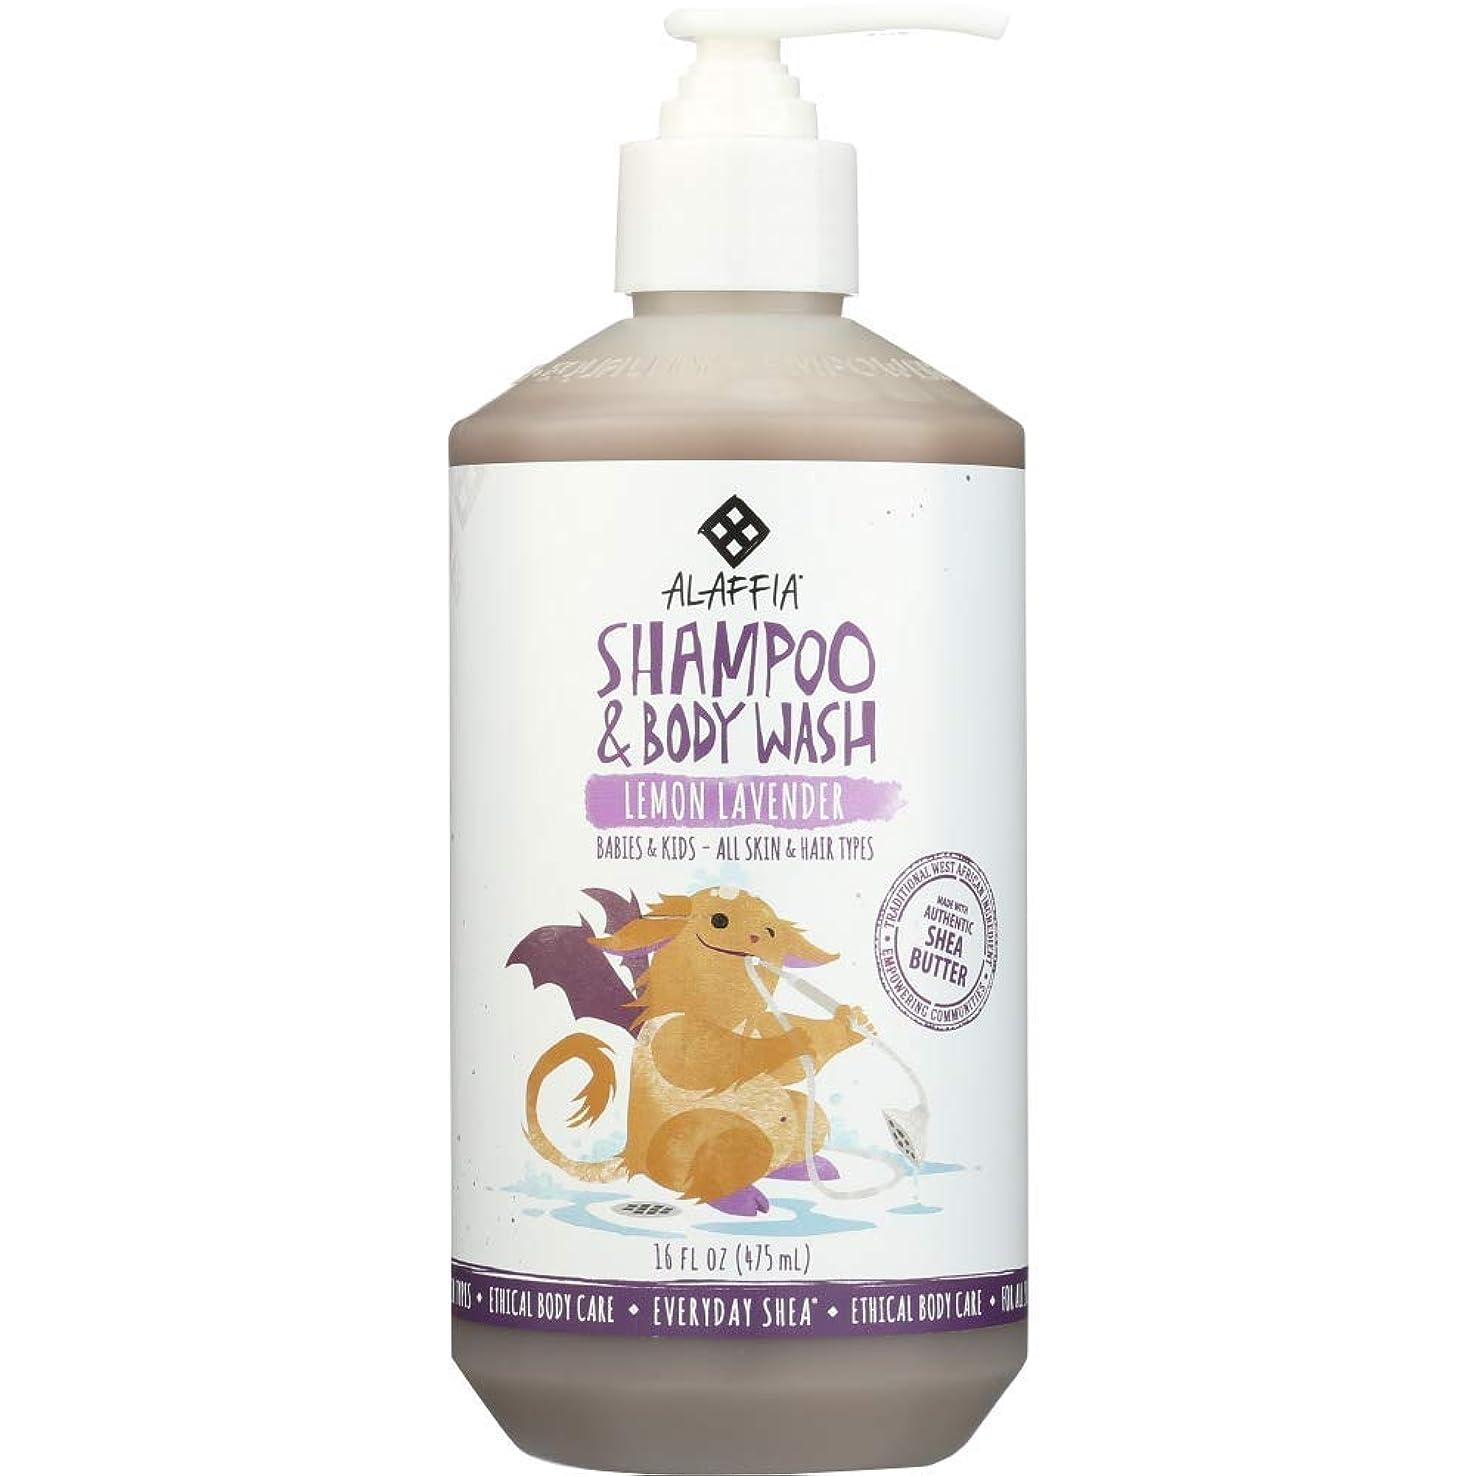 敵意冬二週間Alaffia Everyday Shea Shampoo & Body Wash for Babies and Up Lemon Lavender 16 oz Size: 16 oz CustomerPackageType: Standard Packaging, Model: C580, Baby & Child Shop by Baby & Child Shop